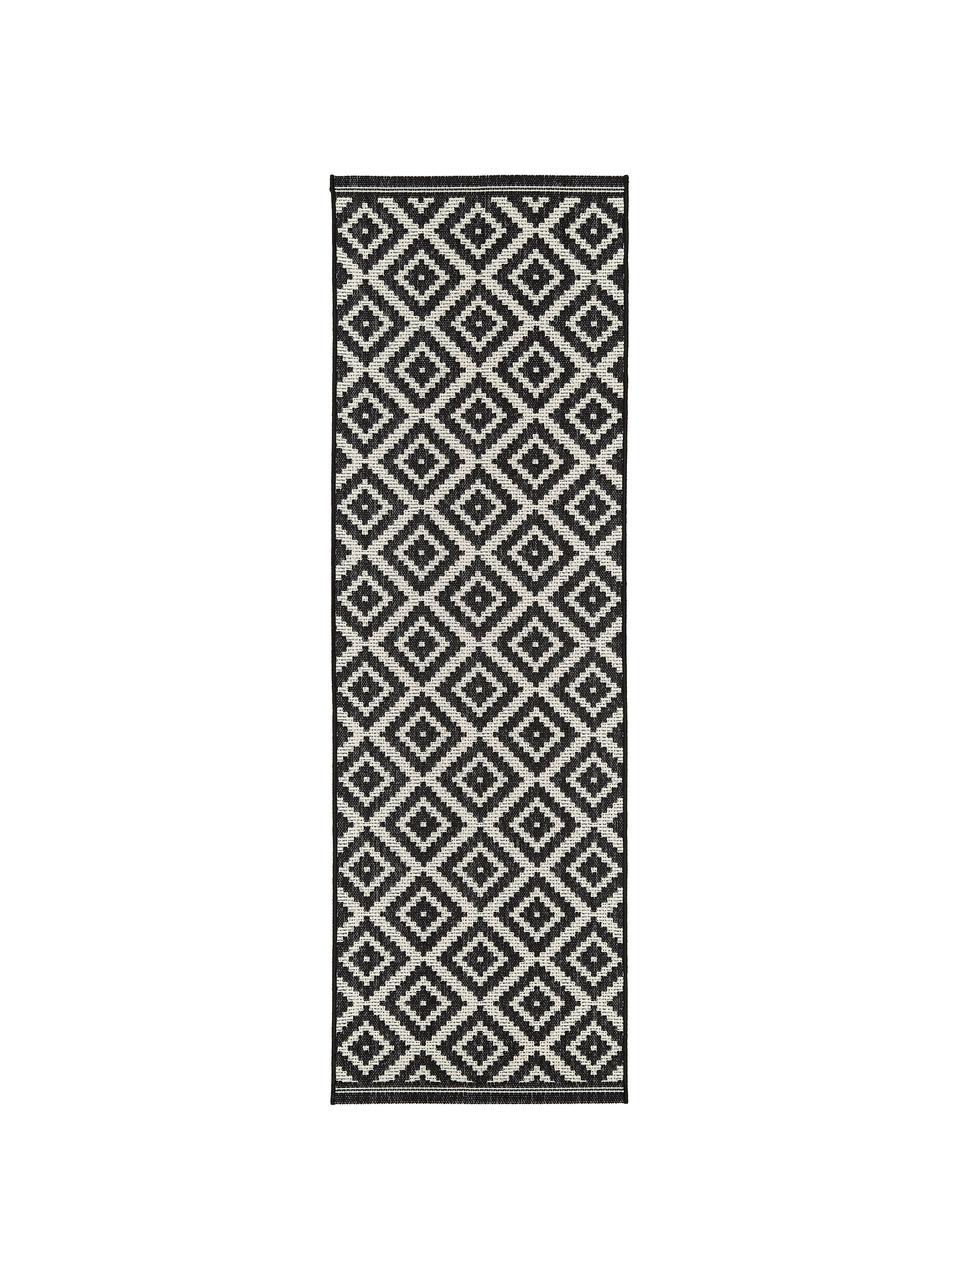 Gemusterter In- & Outdoor-Läufer Miami in Schwarz/Weiß, 86% Polypropylen, 14% Polyester, Cremeweiß, Schwarz, 80 x 250 cm